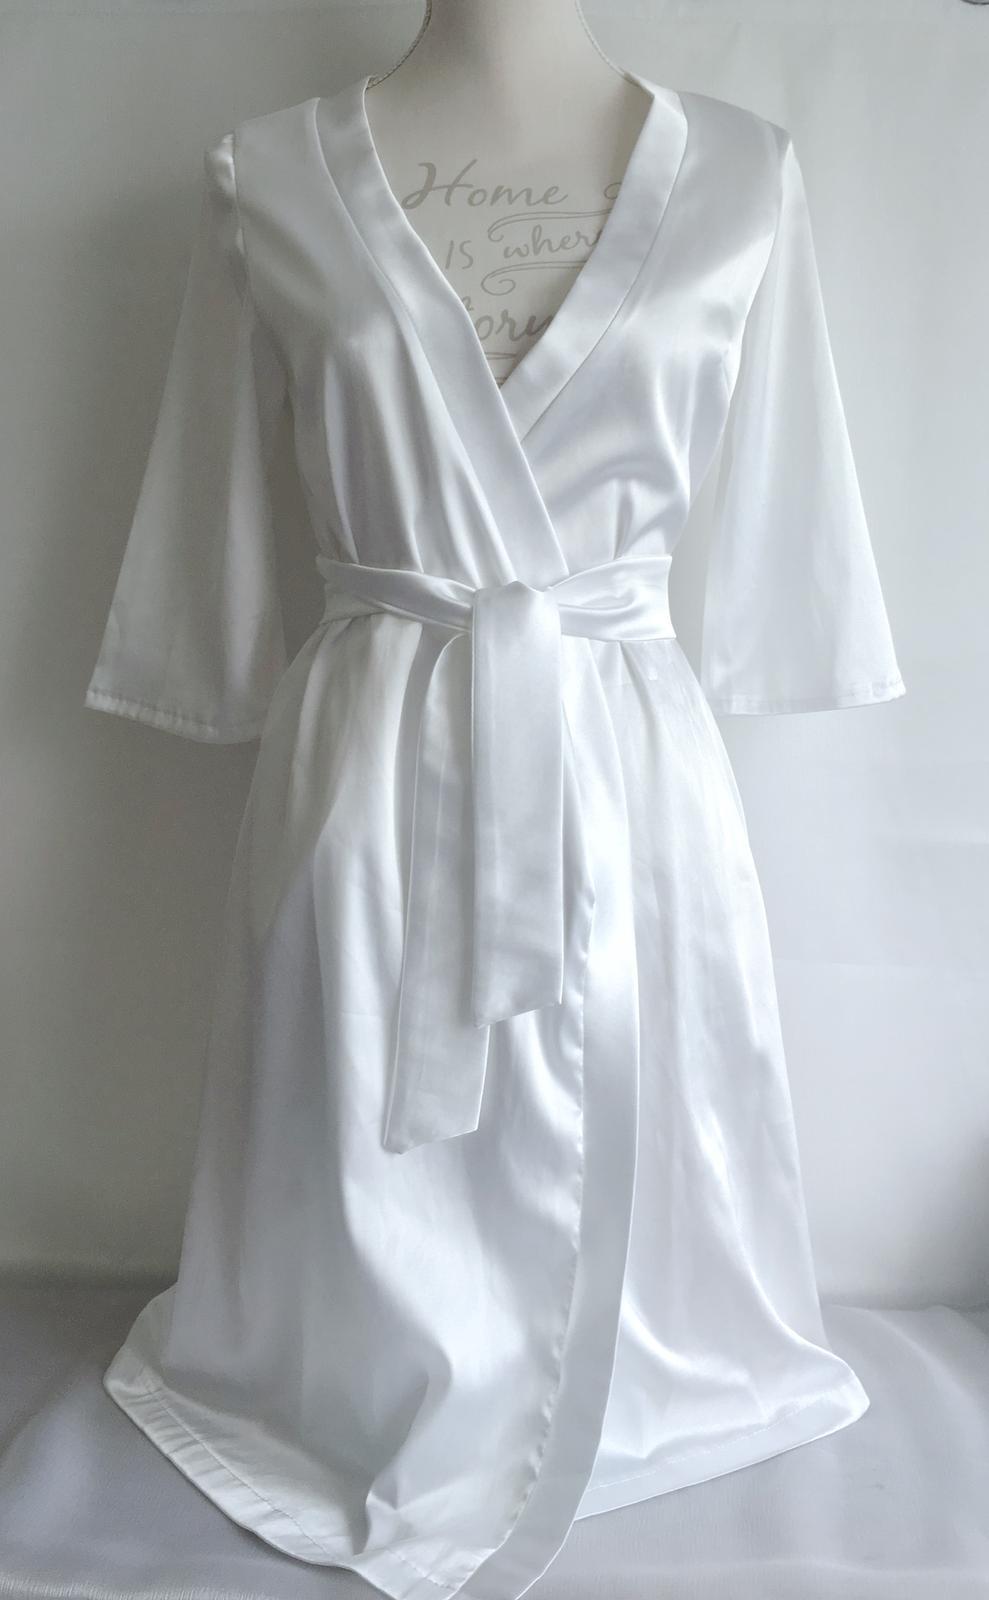 Svadobné župany + papučky+ spodná bielizeň - strih vhodný pre XS-S, pre čísla M-XXL je v ponuke kimonový strih